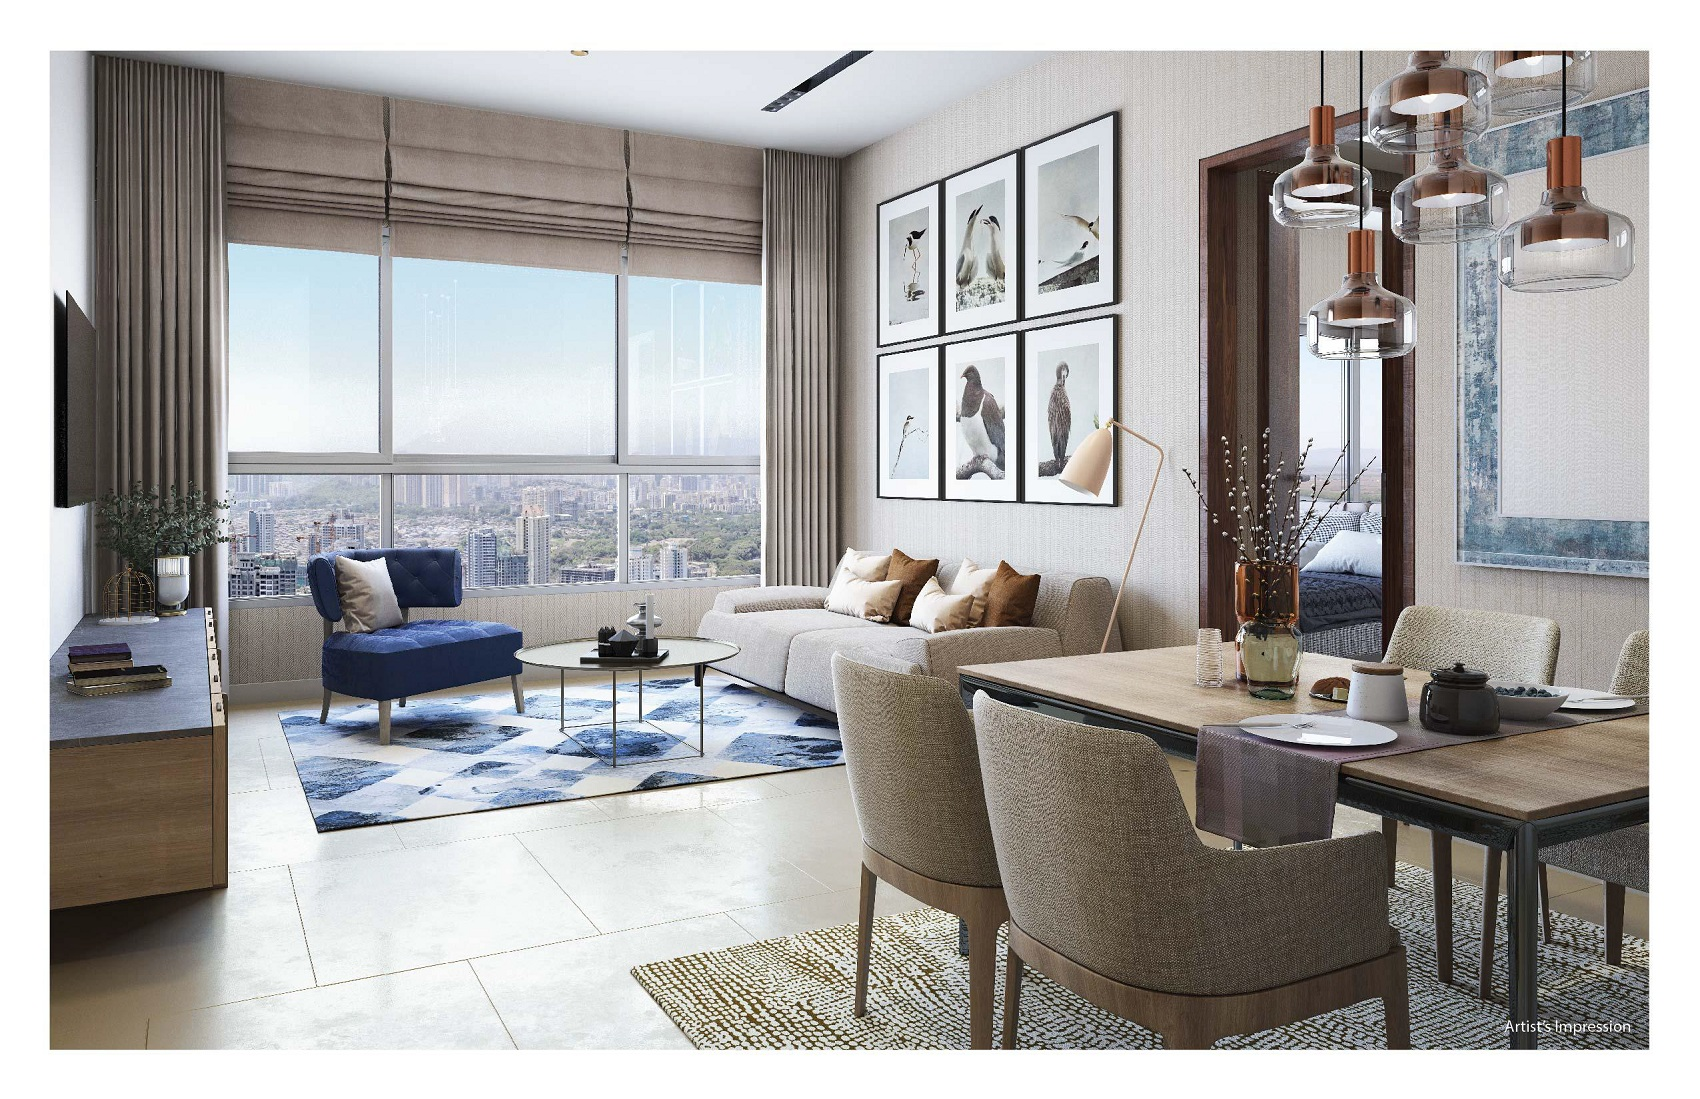 piramal vaikunth vidit apartment interiors9